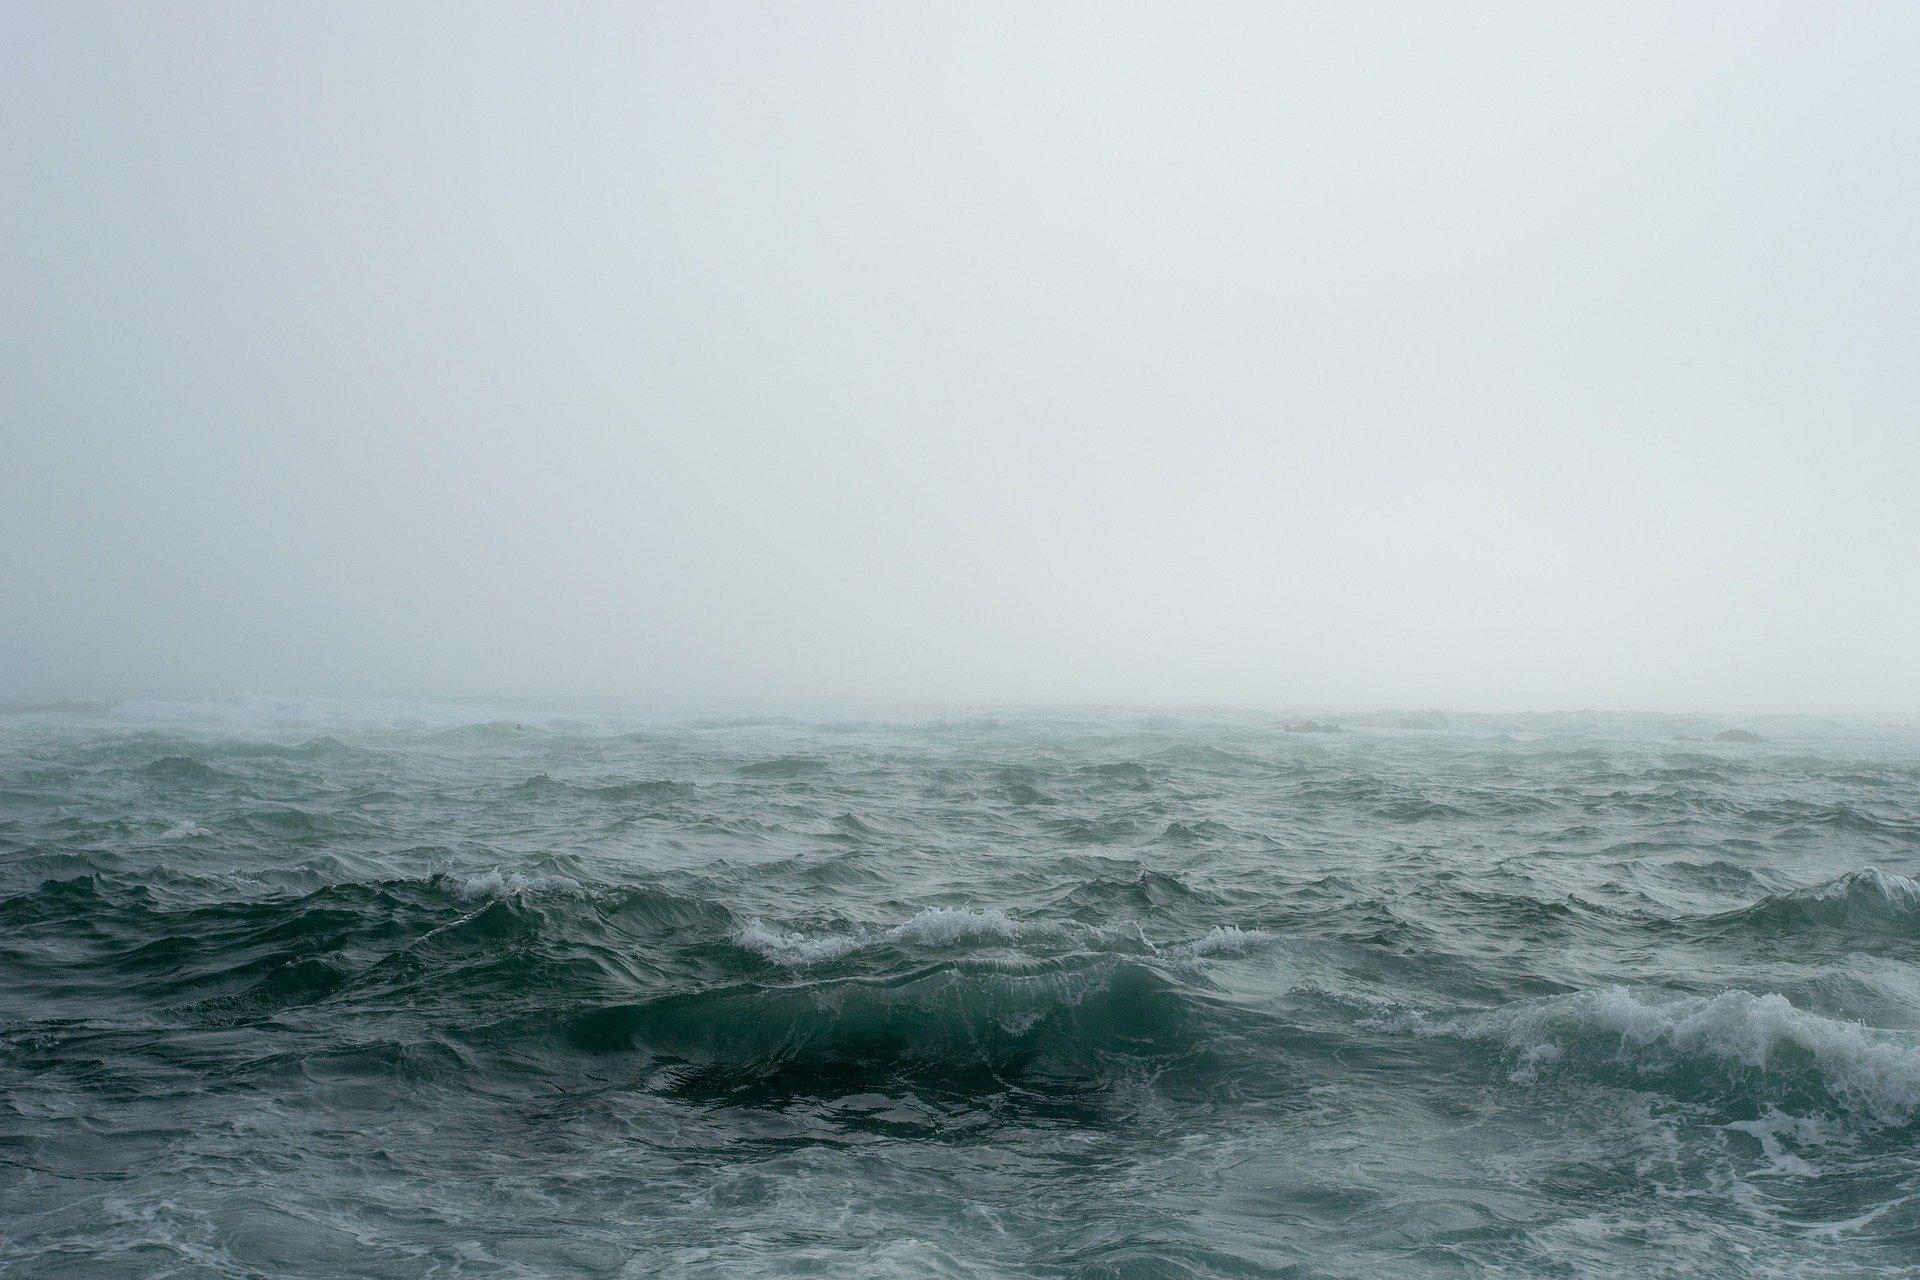 В Севастополе из-за сильного тумана остановили движение катеров